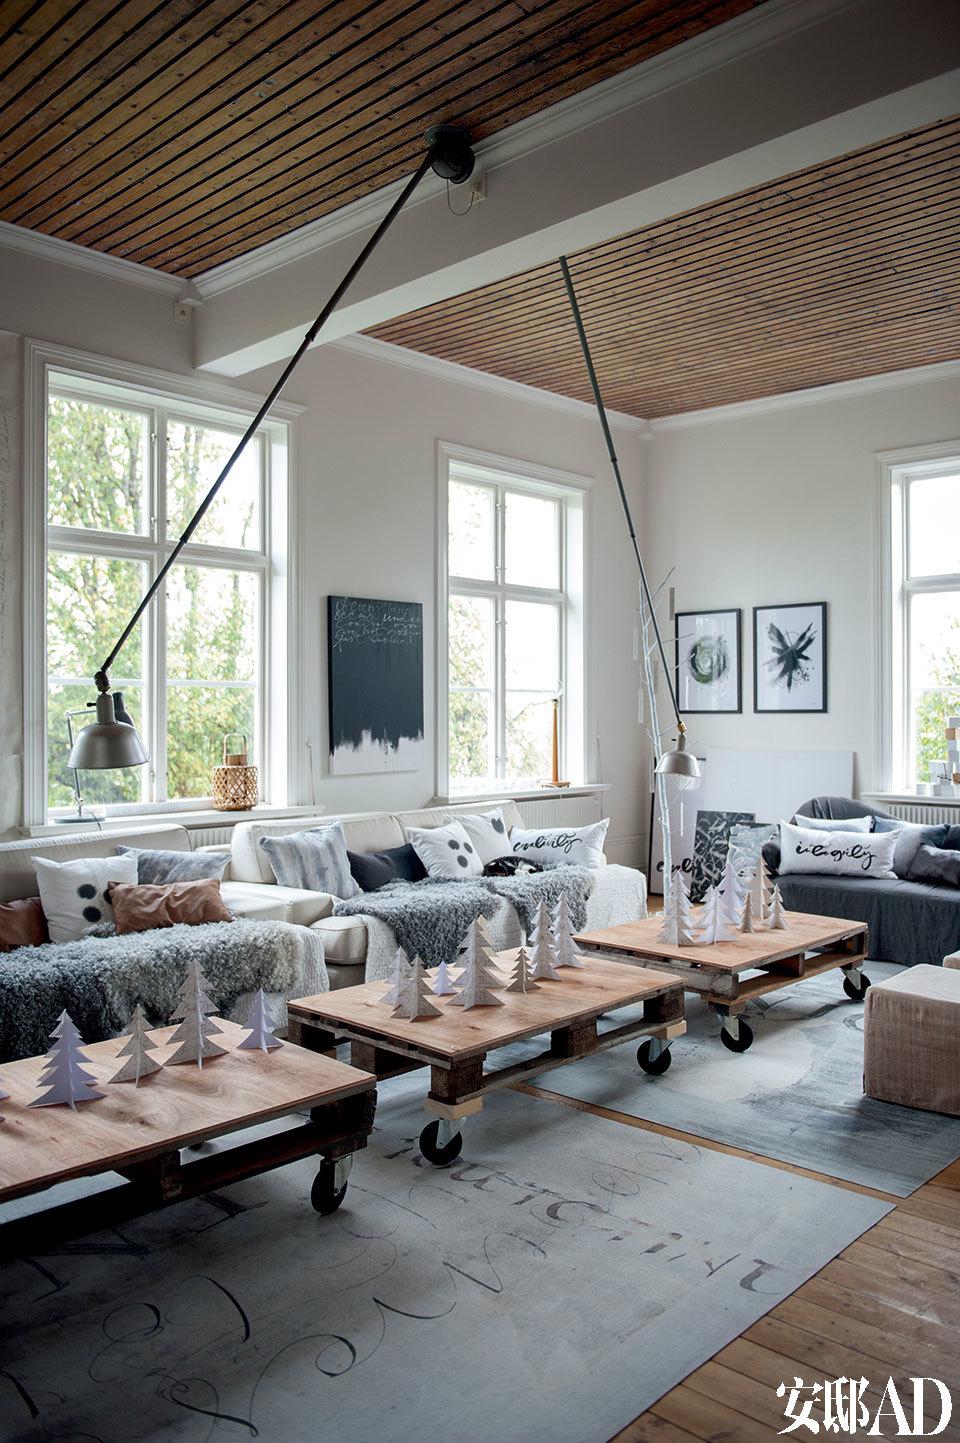 敞亮、通透的客厅以白色为主基调,由几张自带滚轮的小木桌做茶几,配上Ylva创作的装饰性小圣诞树,风格清新又凸显节日气氛。